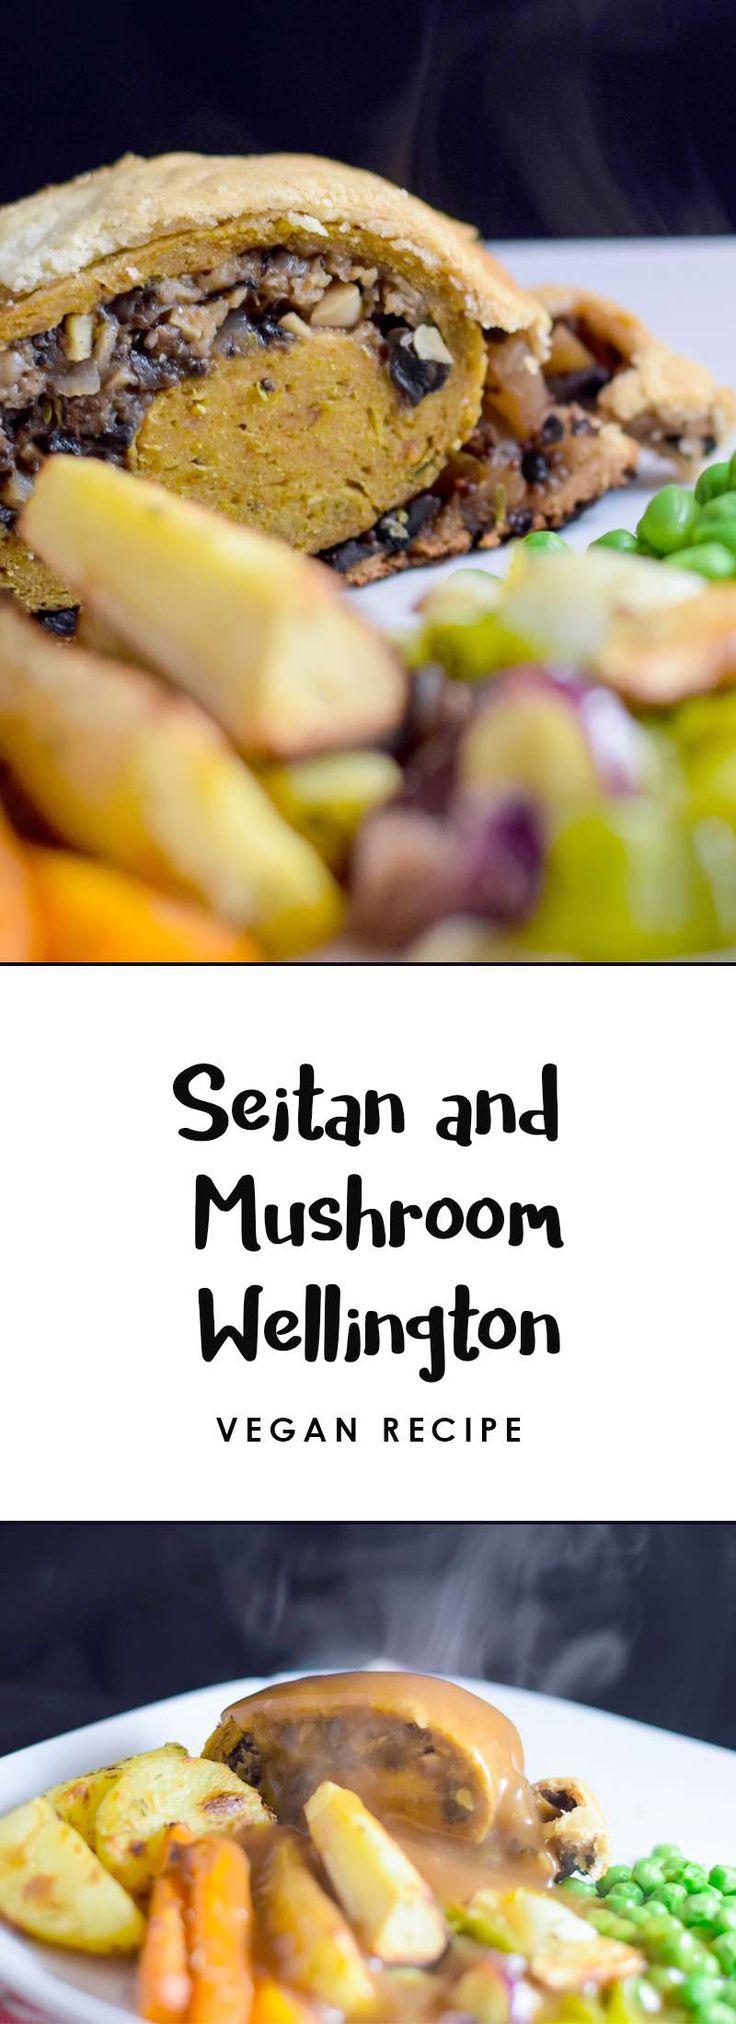 Seitan and Mushroom Vegan Wellington